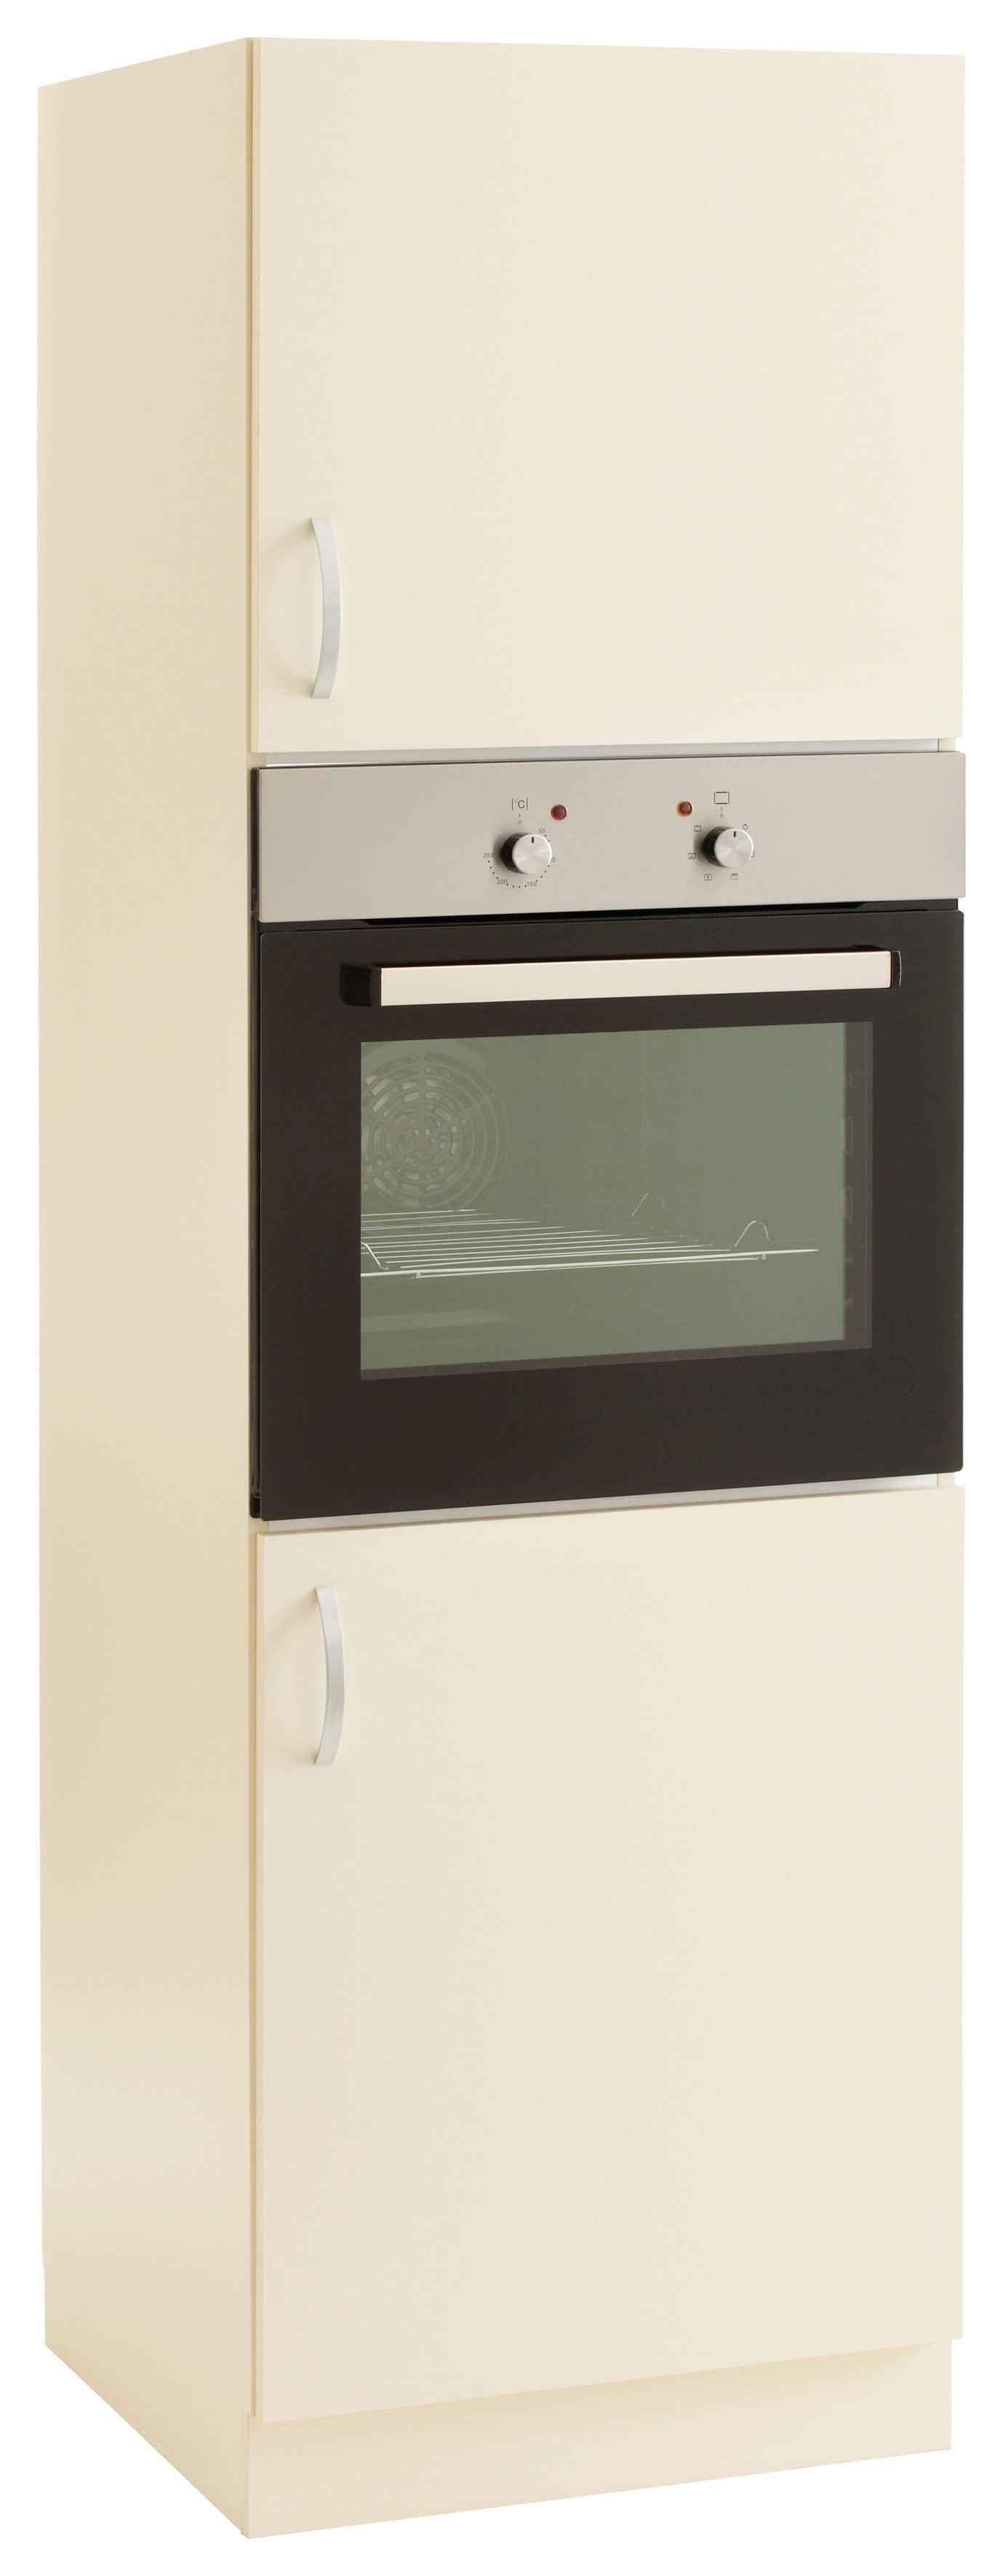 Backofenumbauschrank »Flexi«, Höhe 200 cm | Küche und Esszimmer > Küchenschränke > Umbauschränke | Gelb | QUELLE